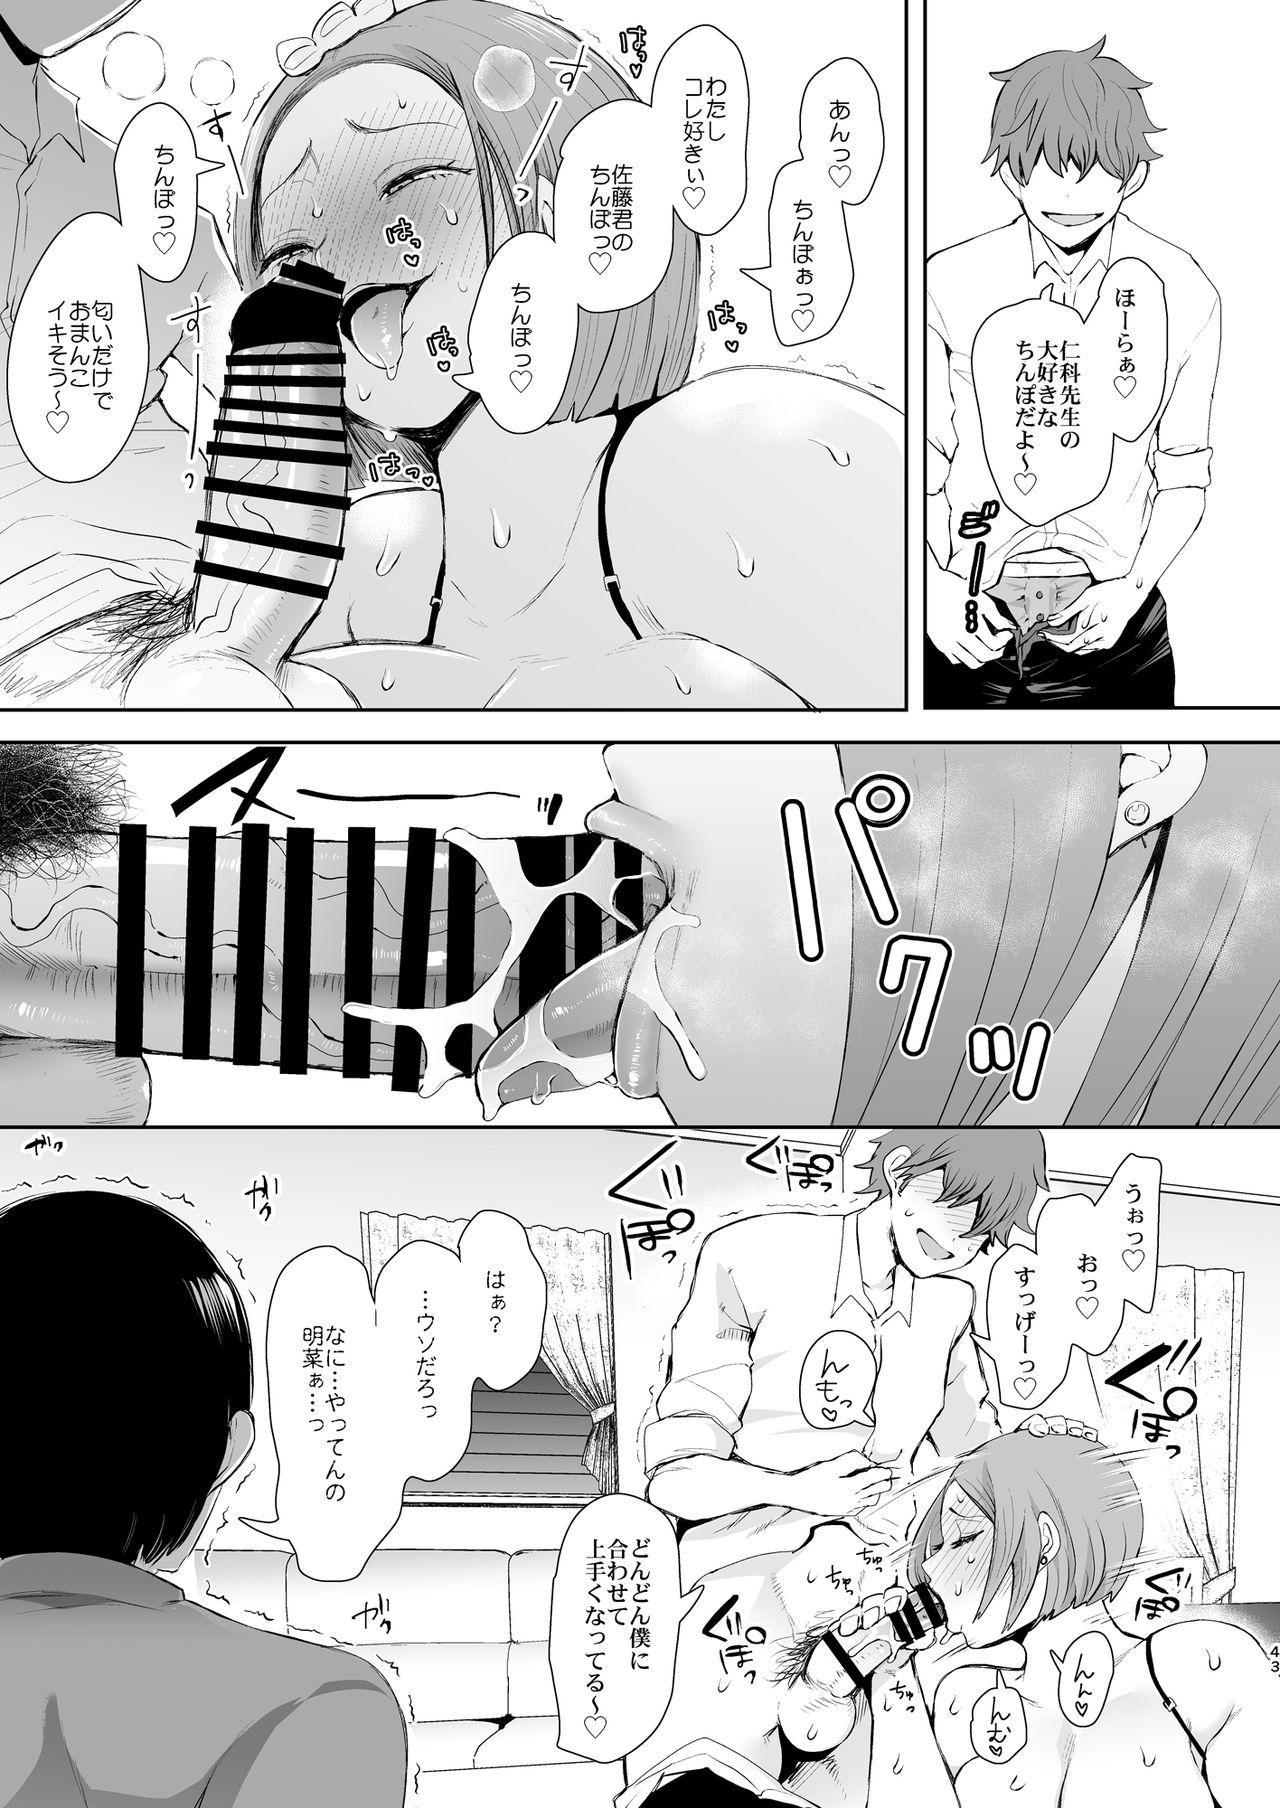 Fukushuu Ishiki Shihai Anji de Omoidoori ni Naru Onna 41